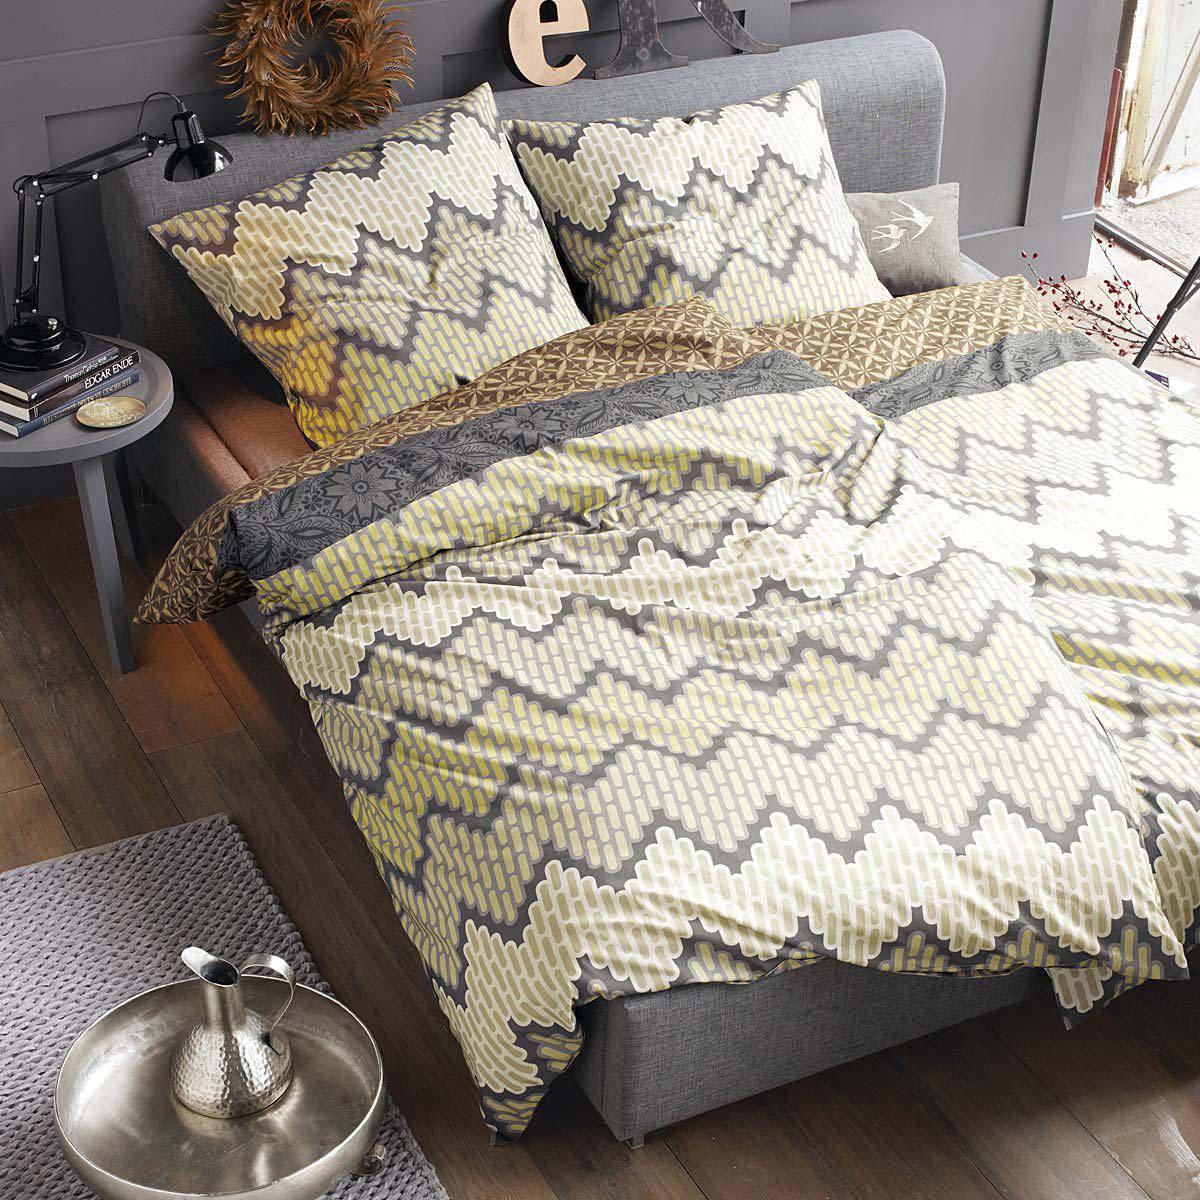 produkte aus betten impressionen meine wunschliste. Black Bedroom Furniture Sets. Home Design Ideas